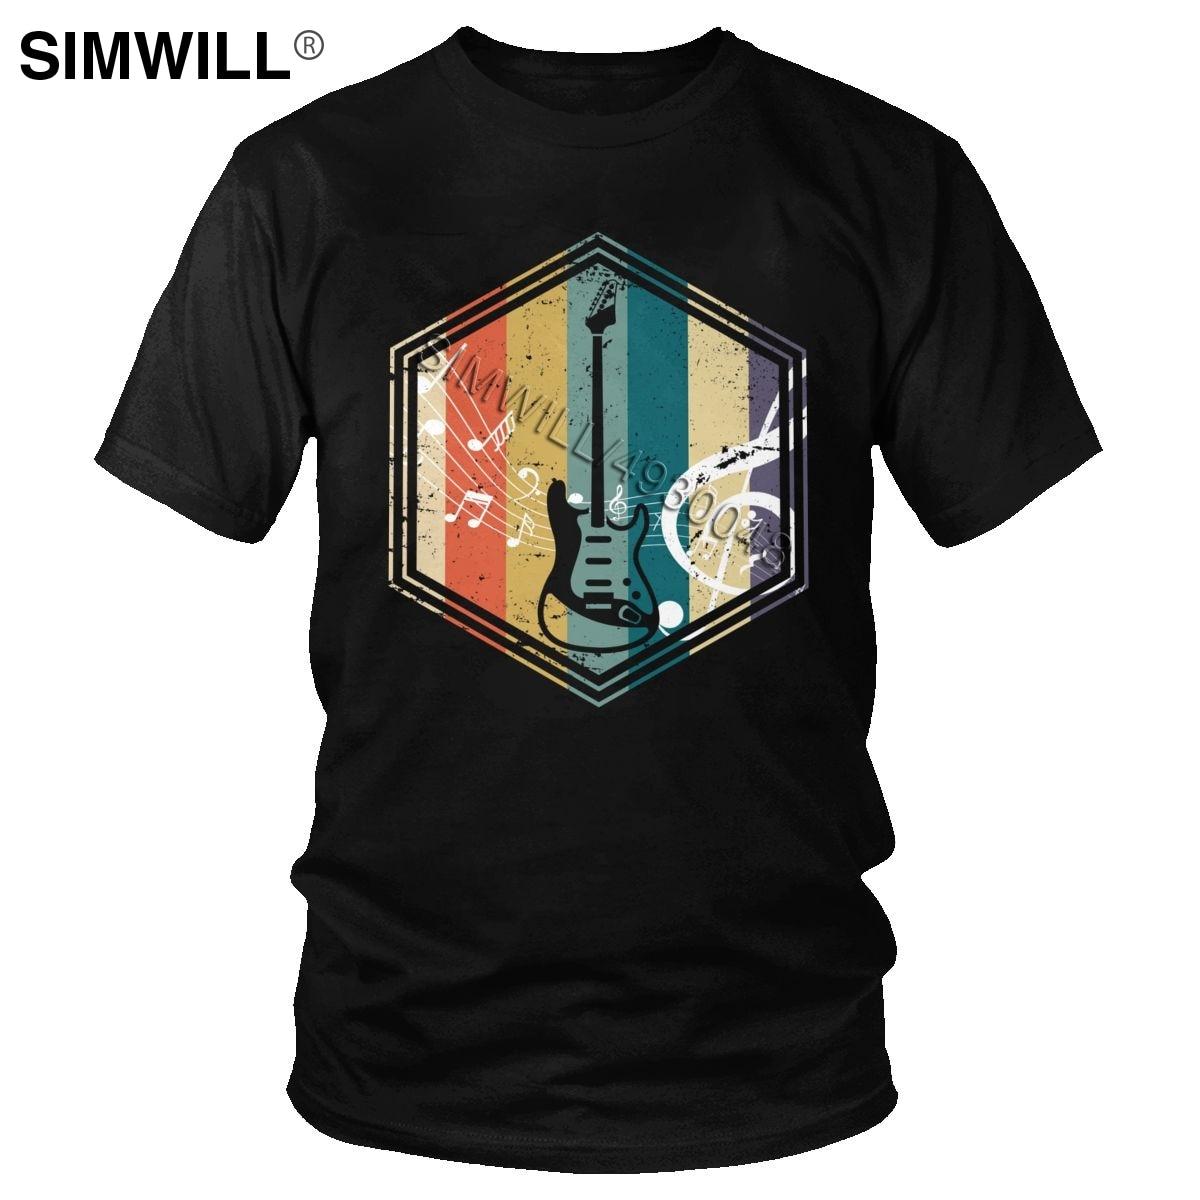 Camiseta Retro con bajo musical para hombre, camiseta de manga corta para amantes de guitarras y guitarras, Camiseta ajustada de algodón 100% para hombre